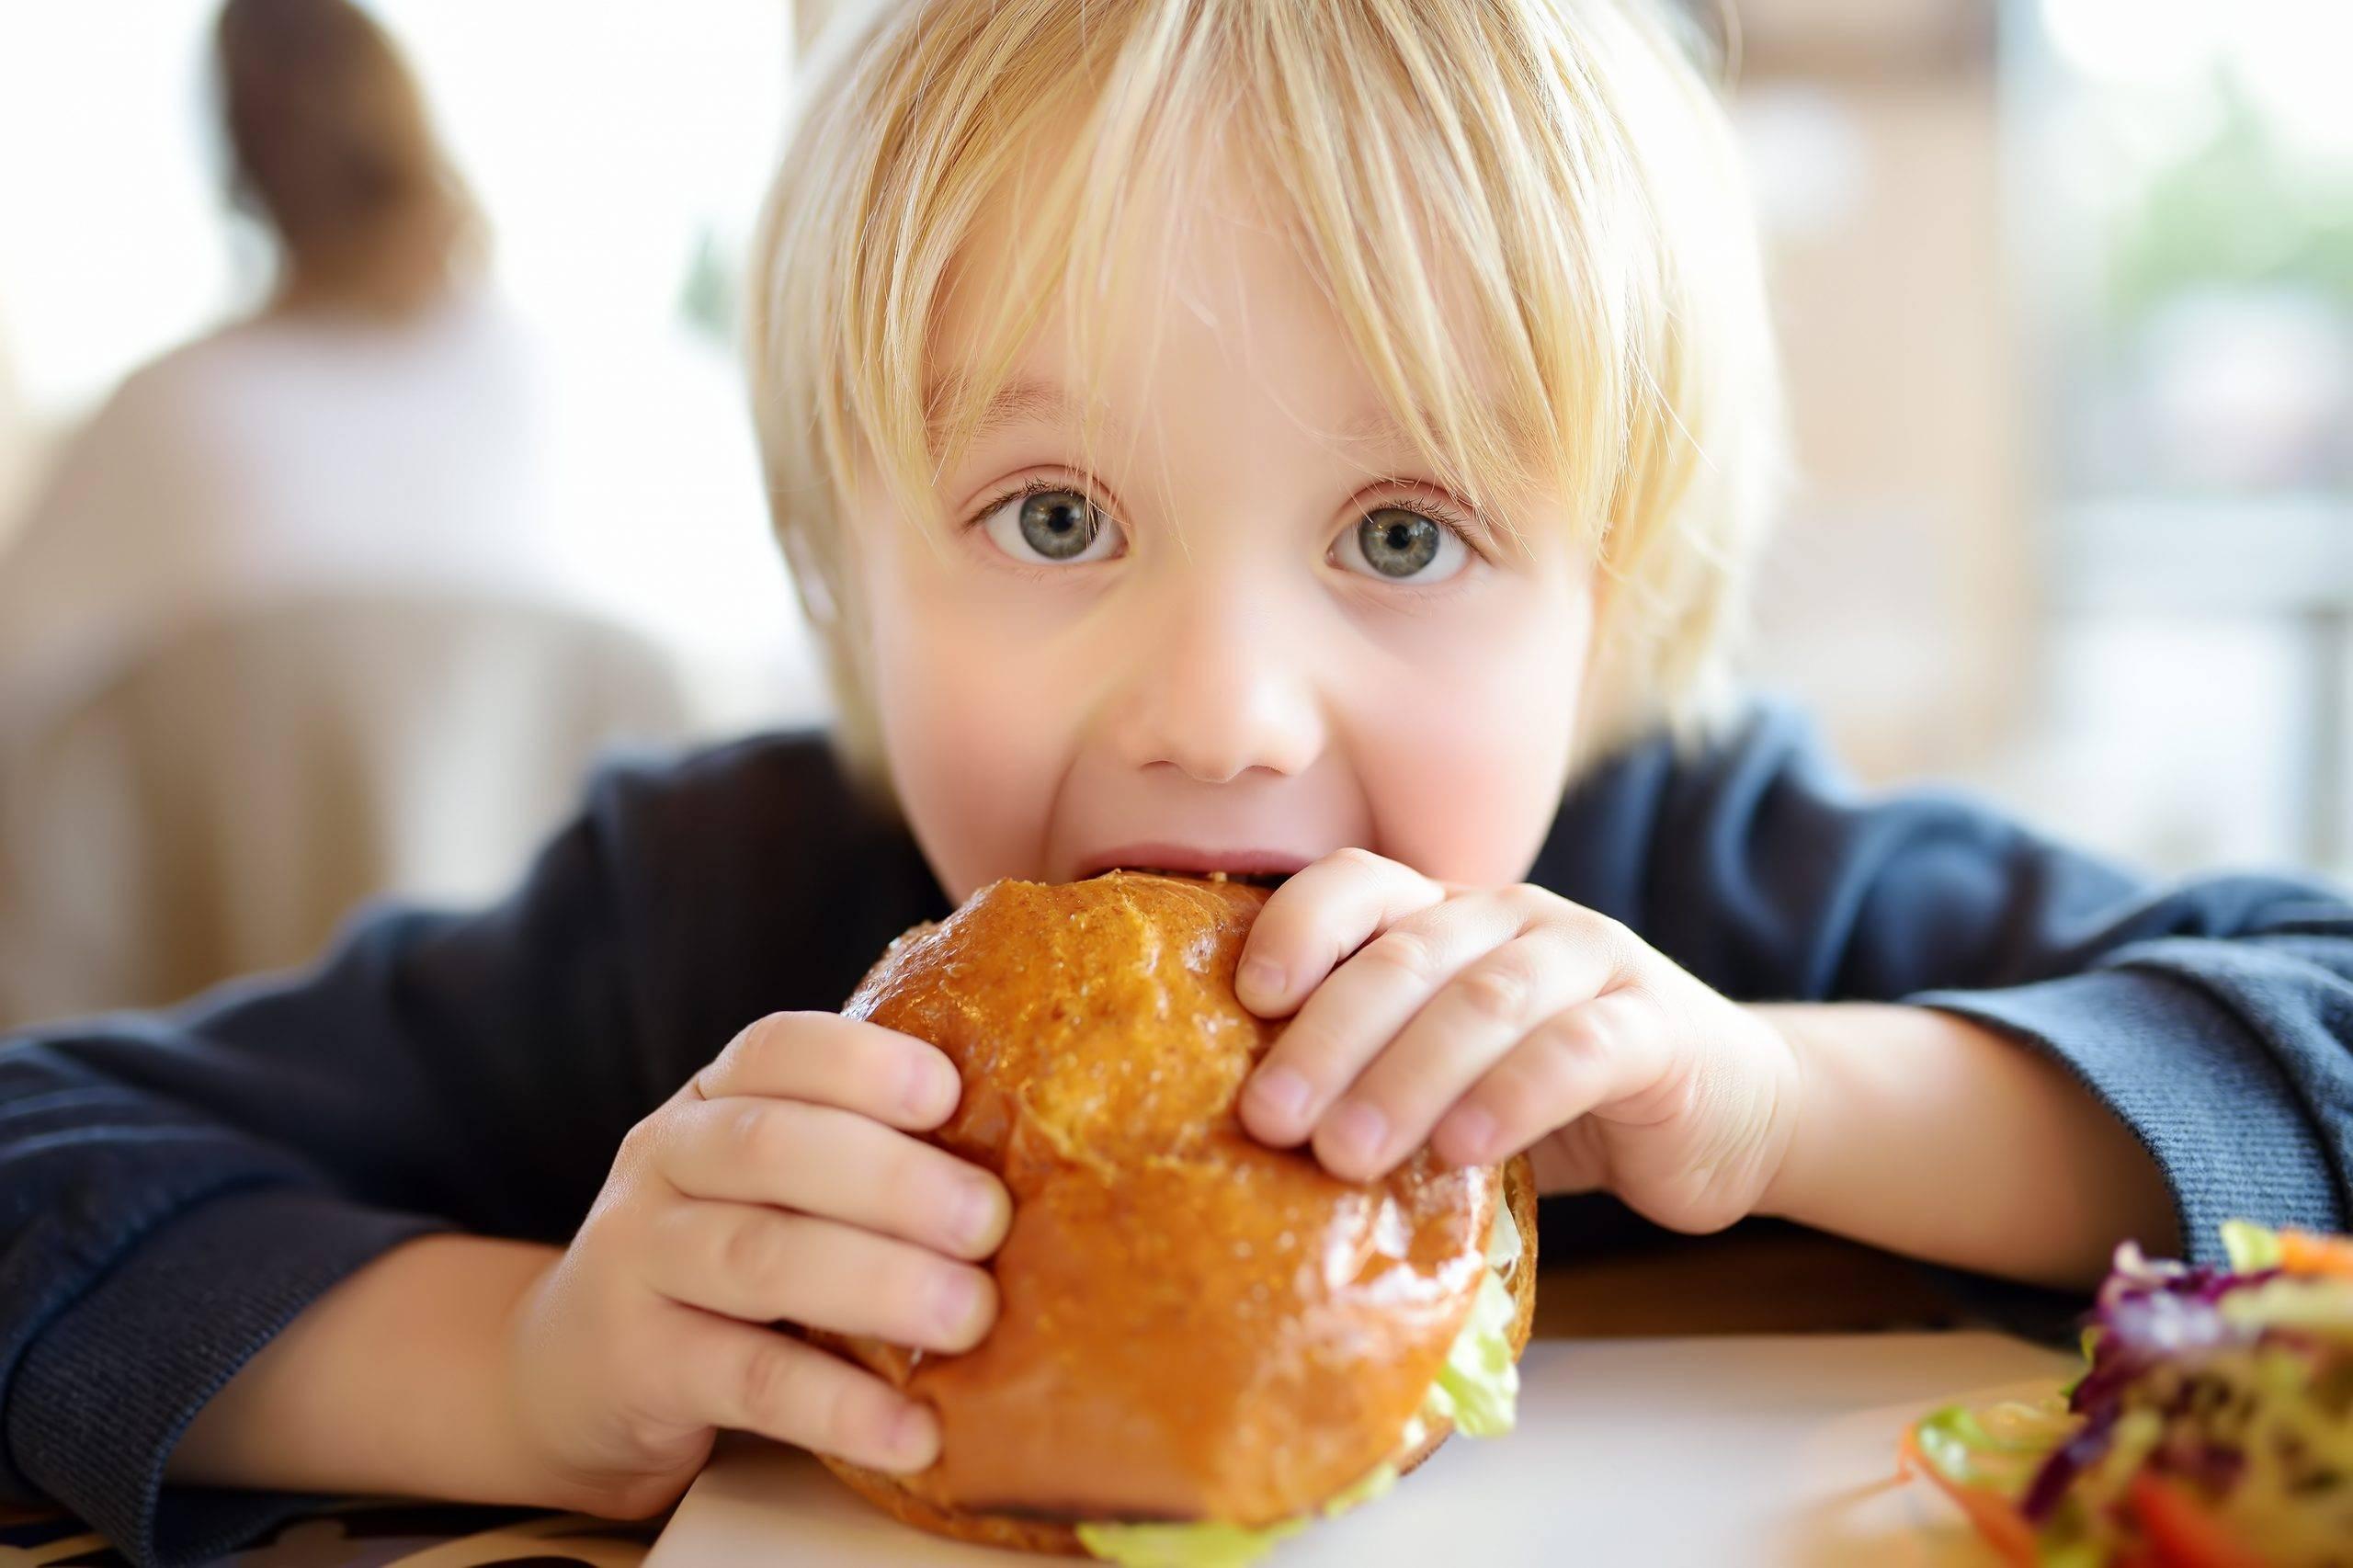 Çocukluk Çağı Obezitesinin Risk Faktörleri